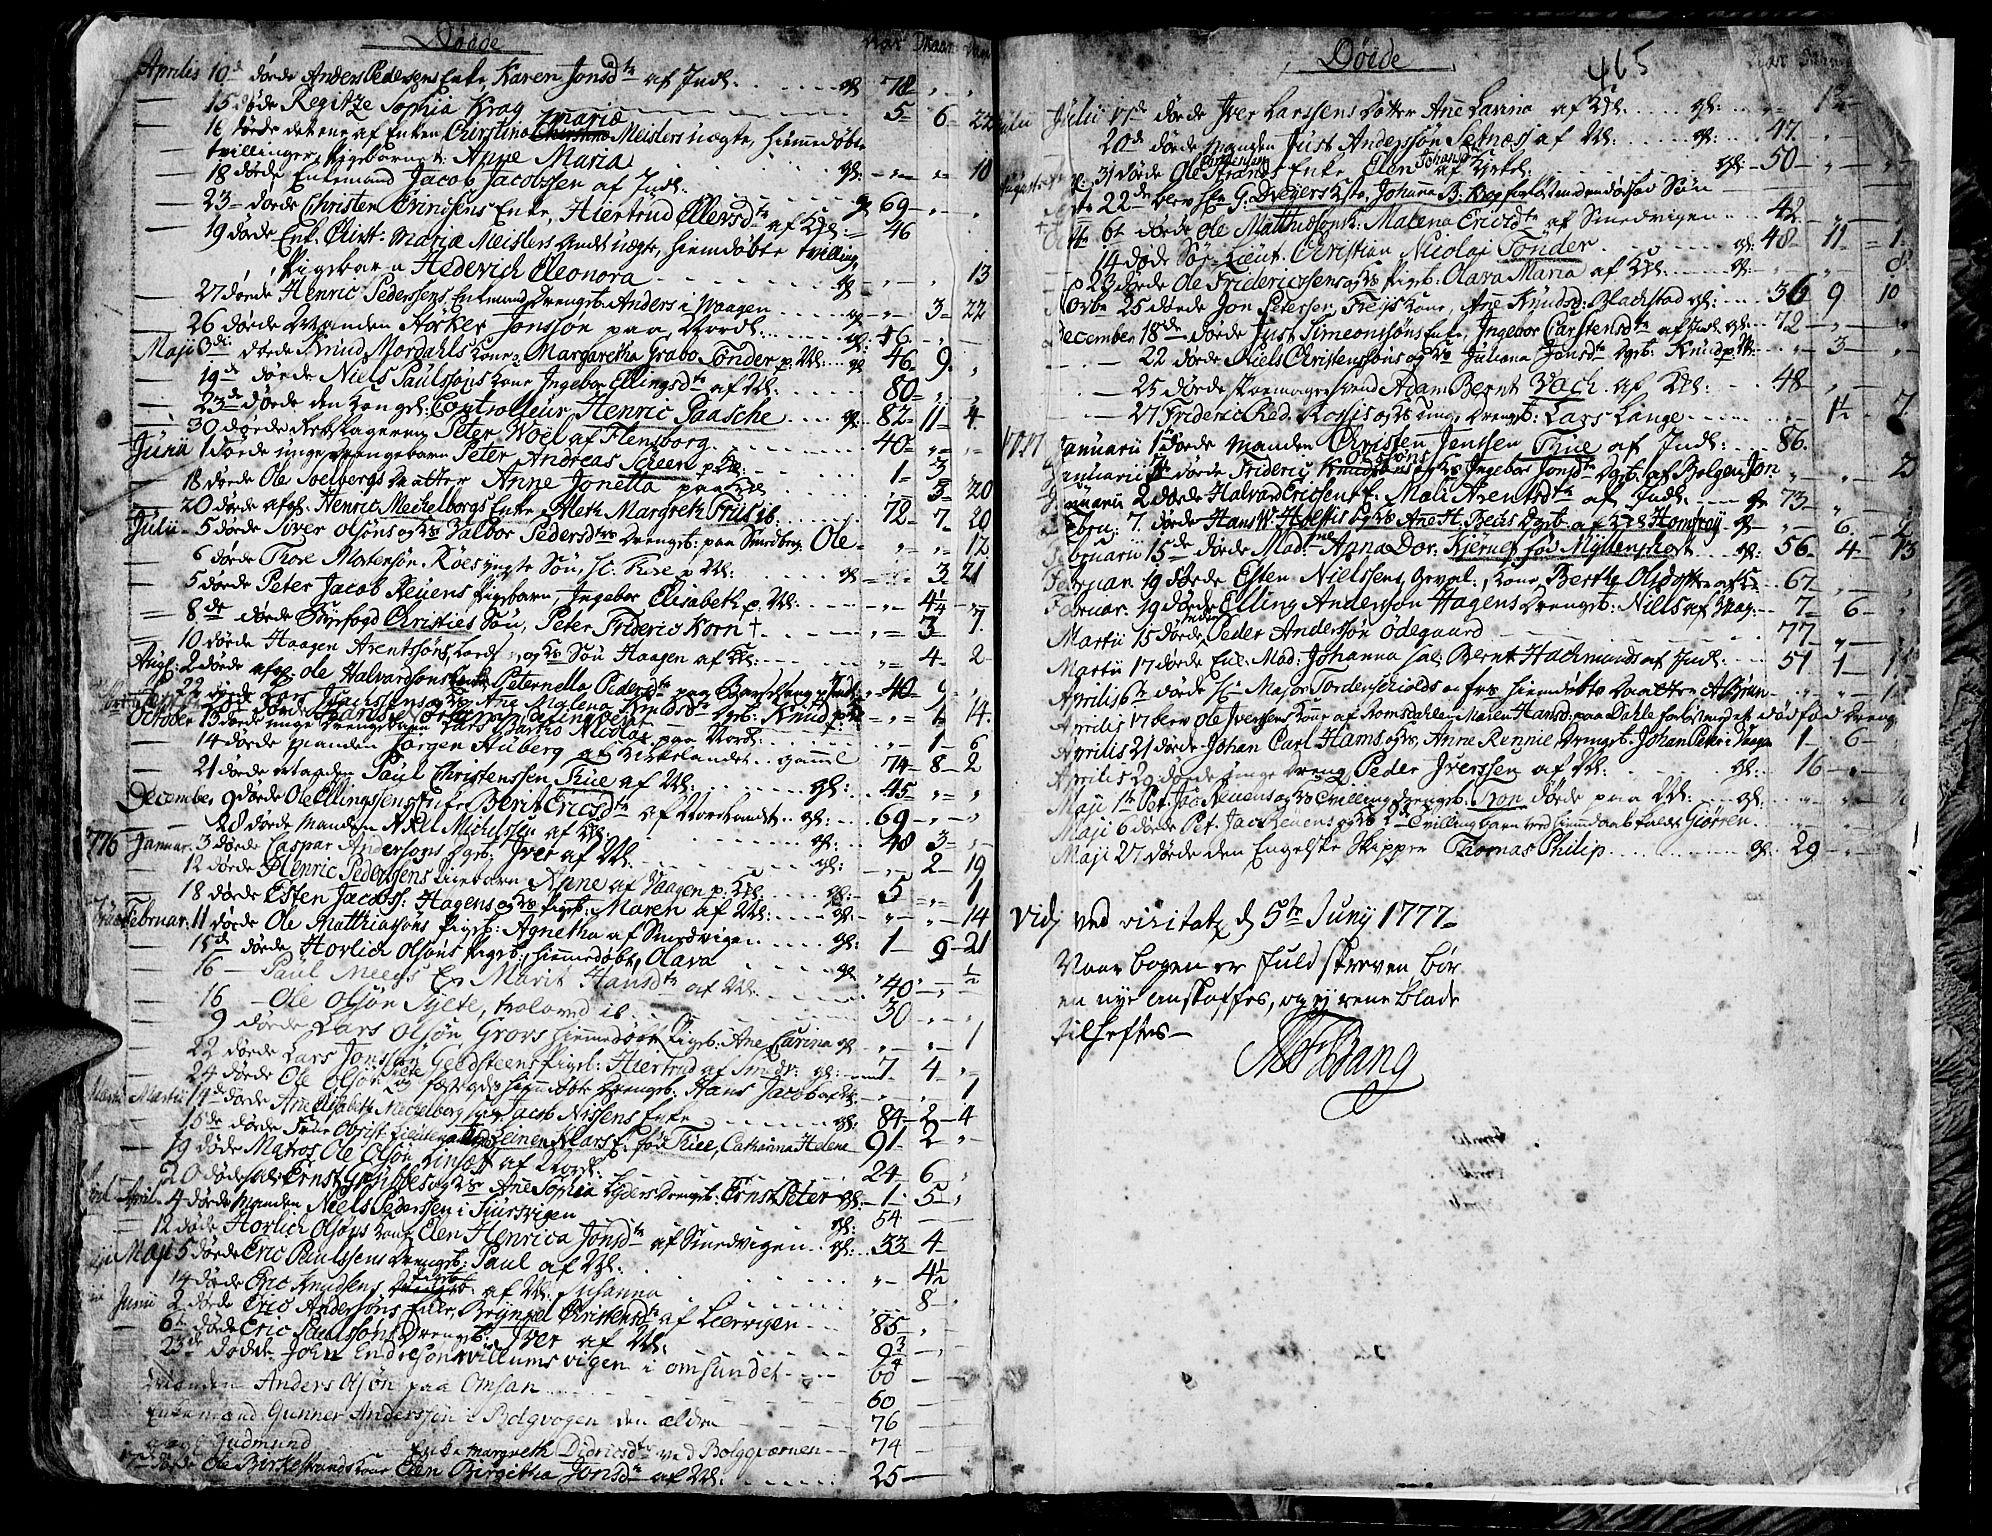 SAT, Ministerialprotokoller, klokkerbøker og fødselsregistre - Møre og Romsdal, 572/L0840: Ministerialbok nr. 572A03, 1754-1784, s. 464-465